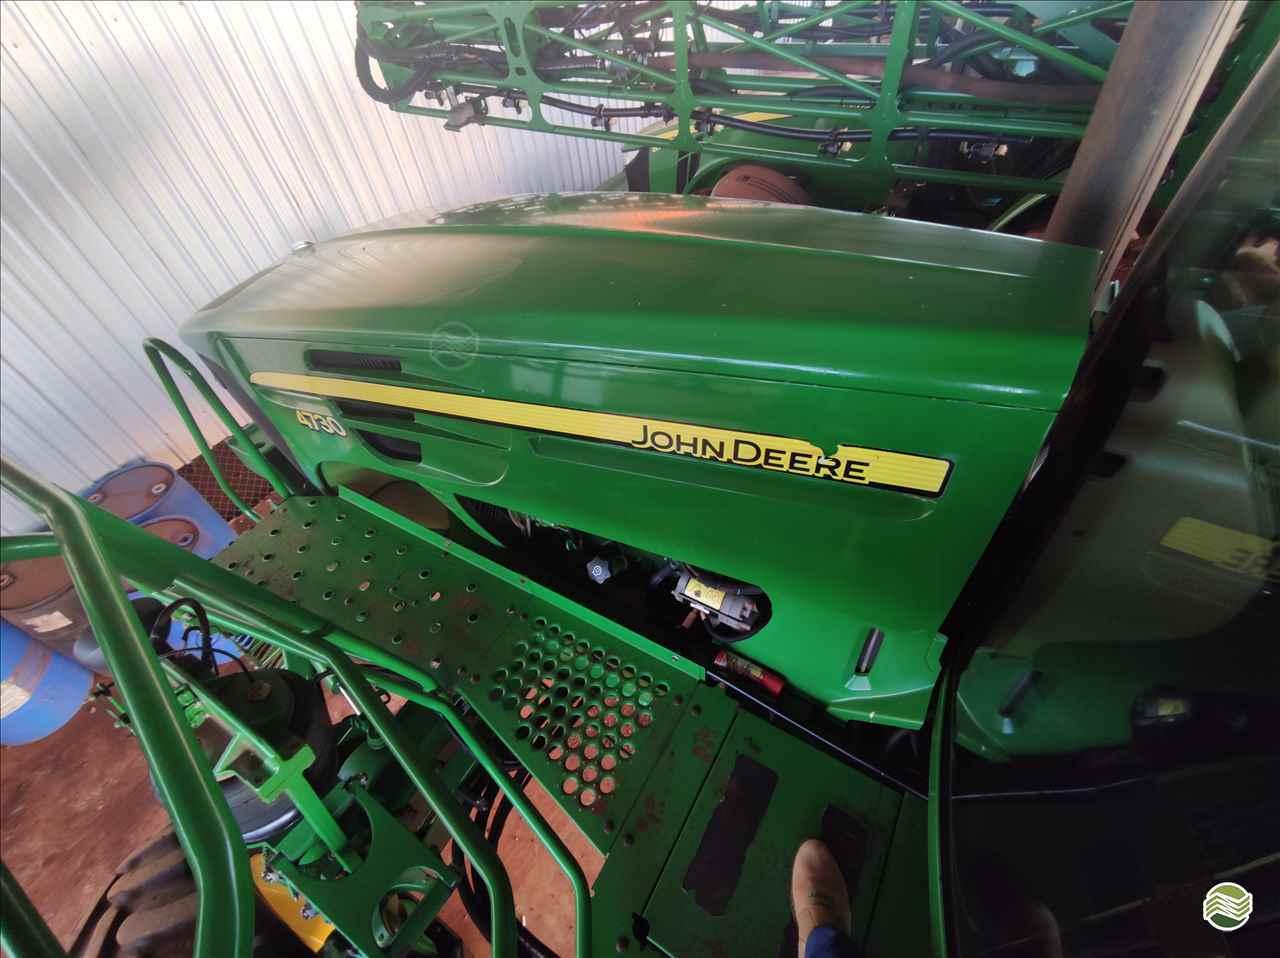 PULVERIZADOR JOHN DEERE JOHN DEERE 4730 Tração 4x4 Ademar Heep Máquinas MARACAJU MATO GROSSO DO SUL MS